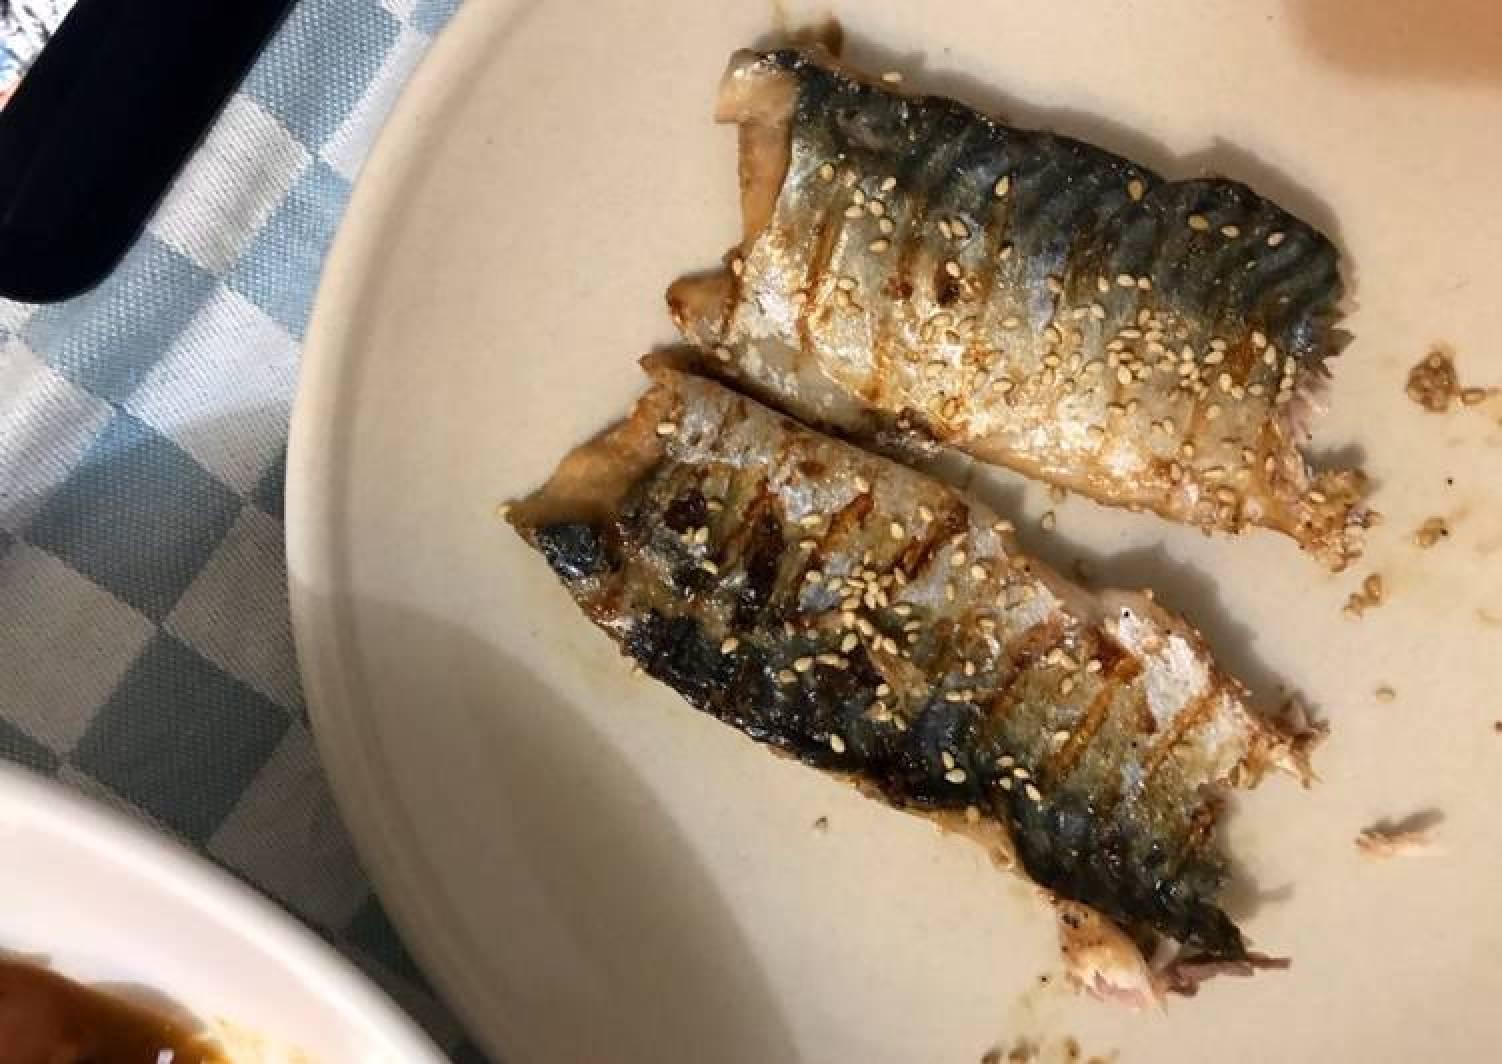 Teriyaki sauce grilled mackerel 🐟